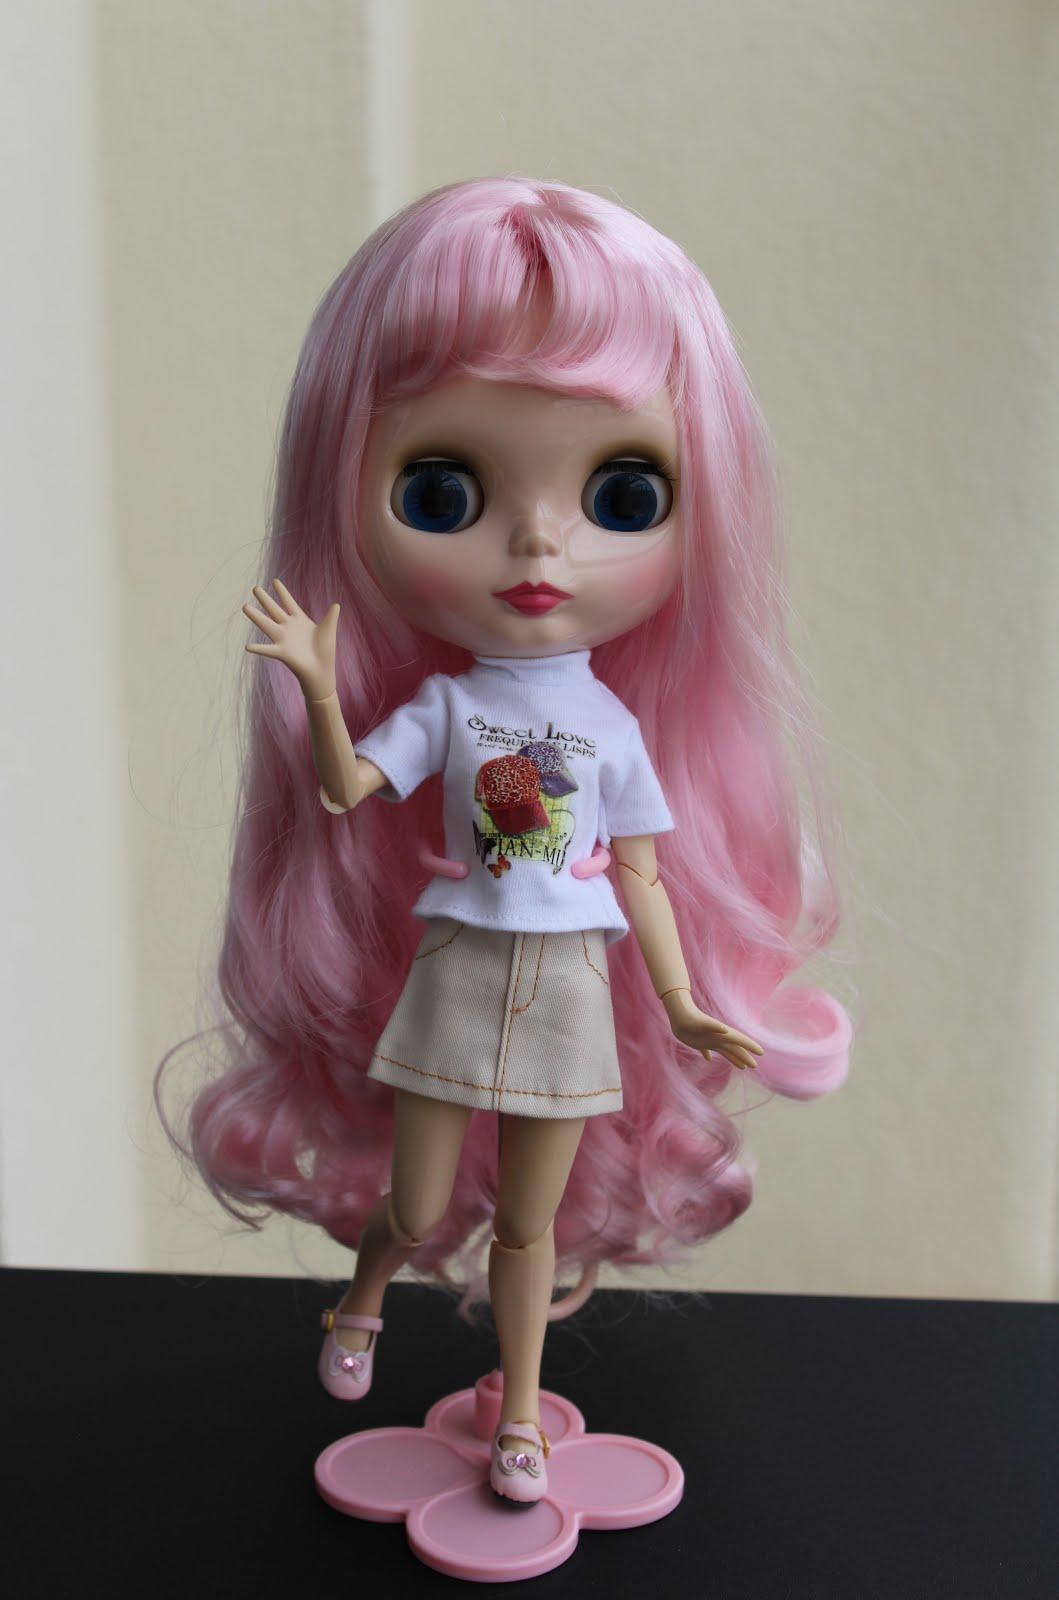 Penélope Doll